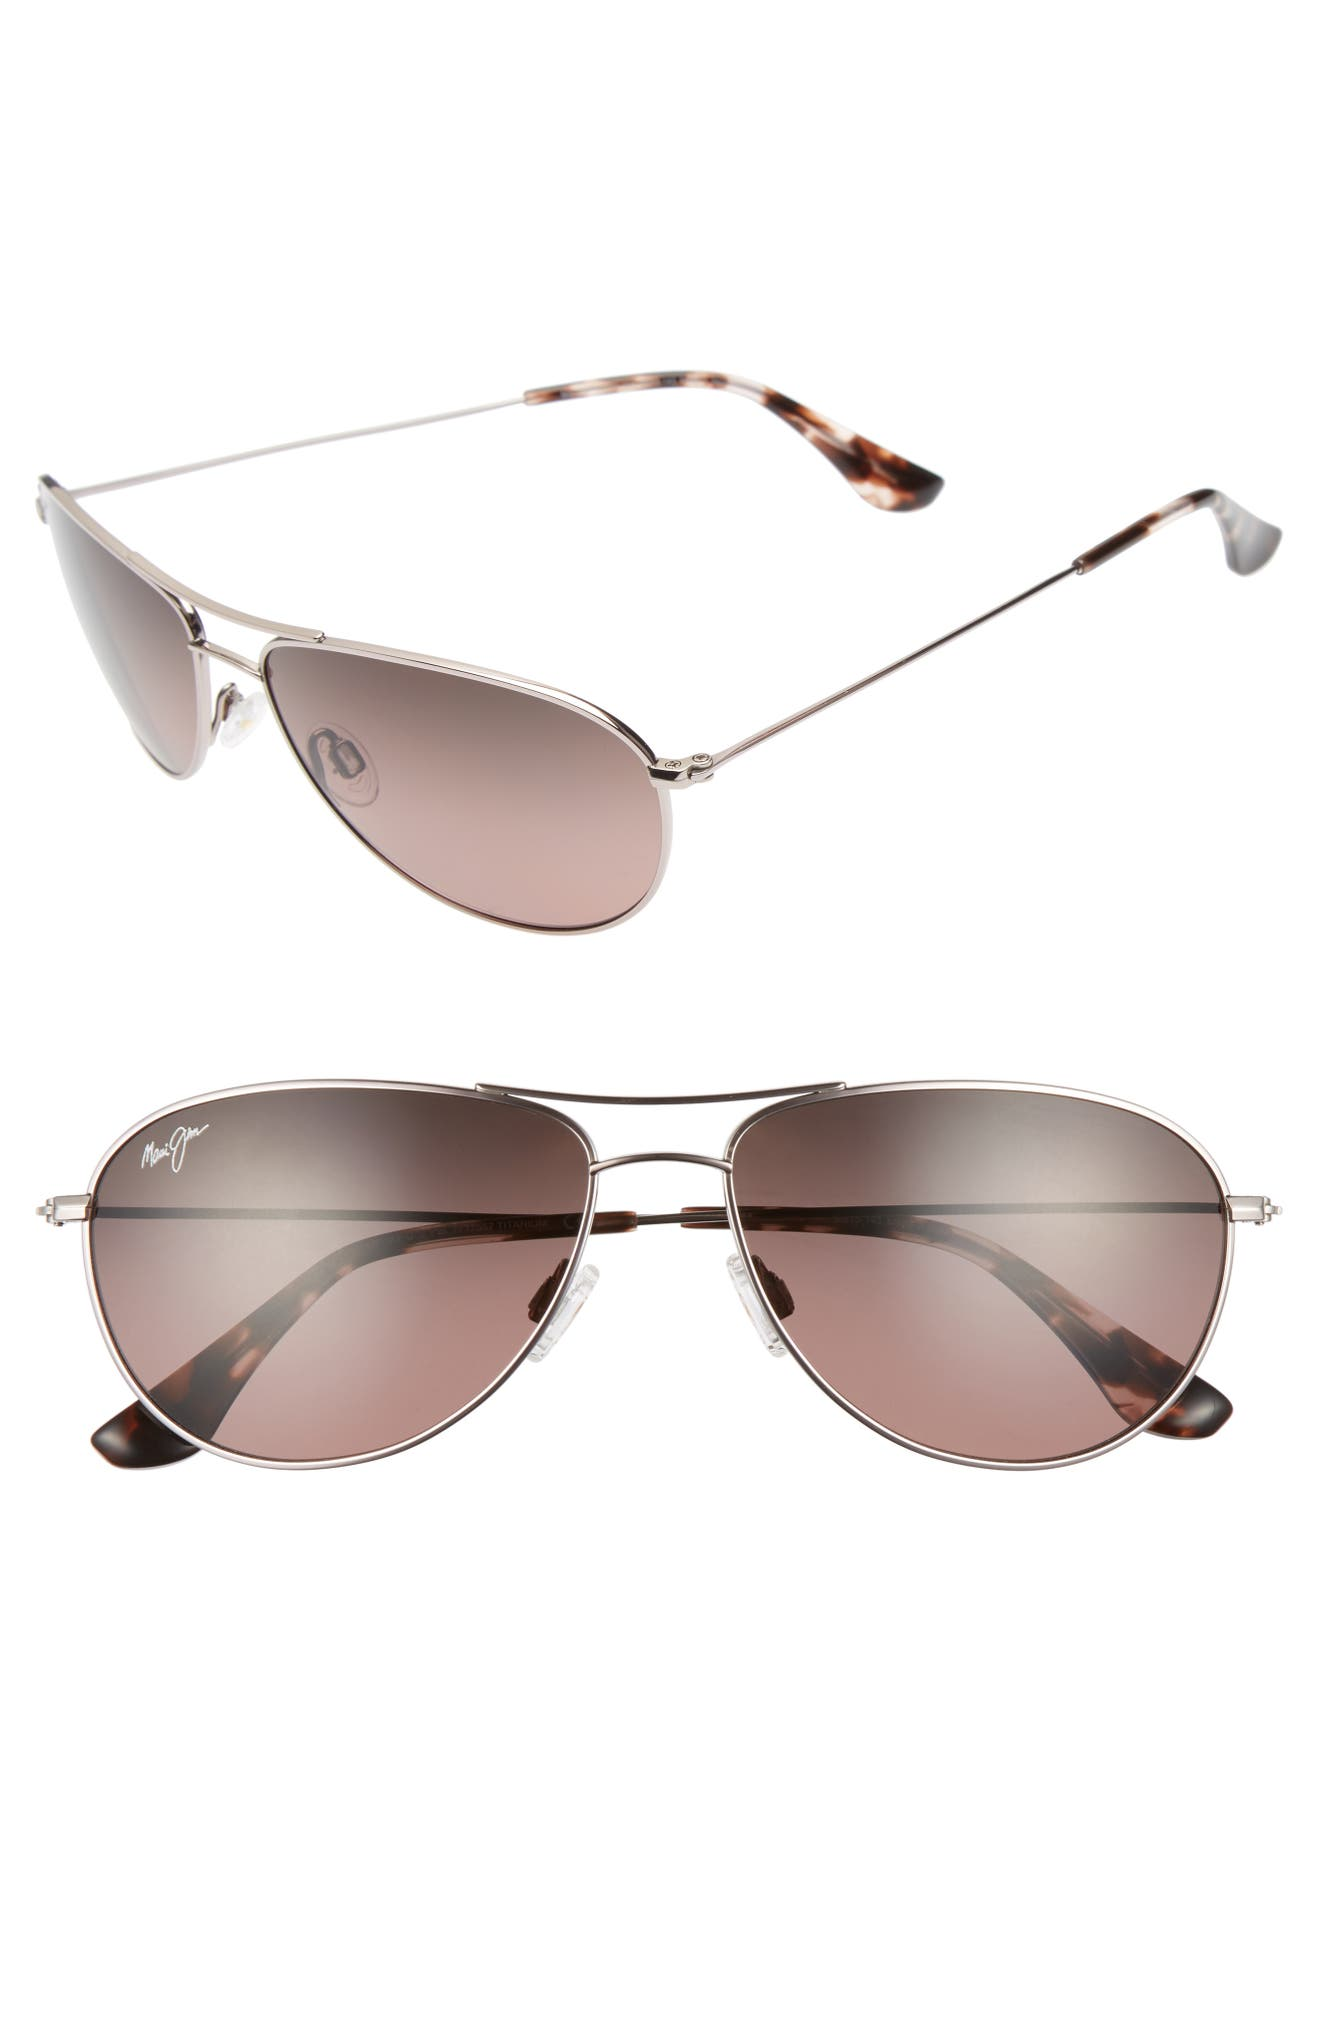 5e18e43b10f3e Maui Jim Sea House 60mm Polarized Titanium Aviator Sunglasses ...